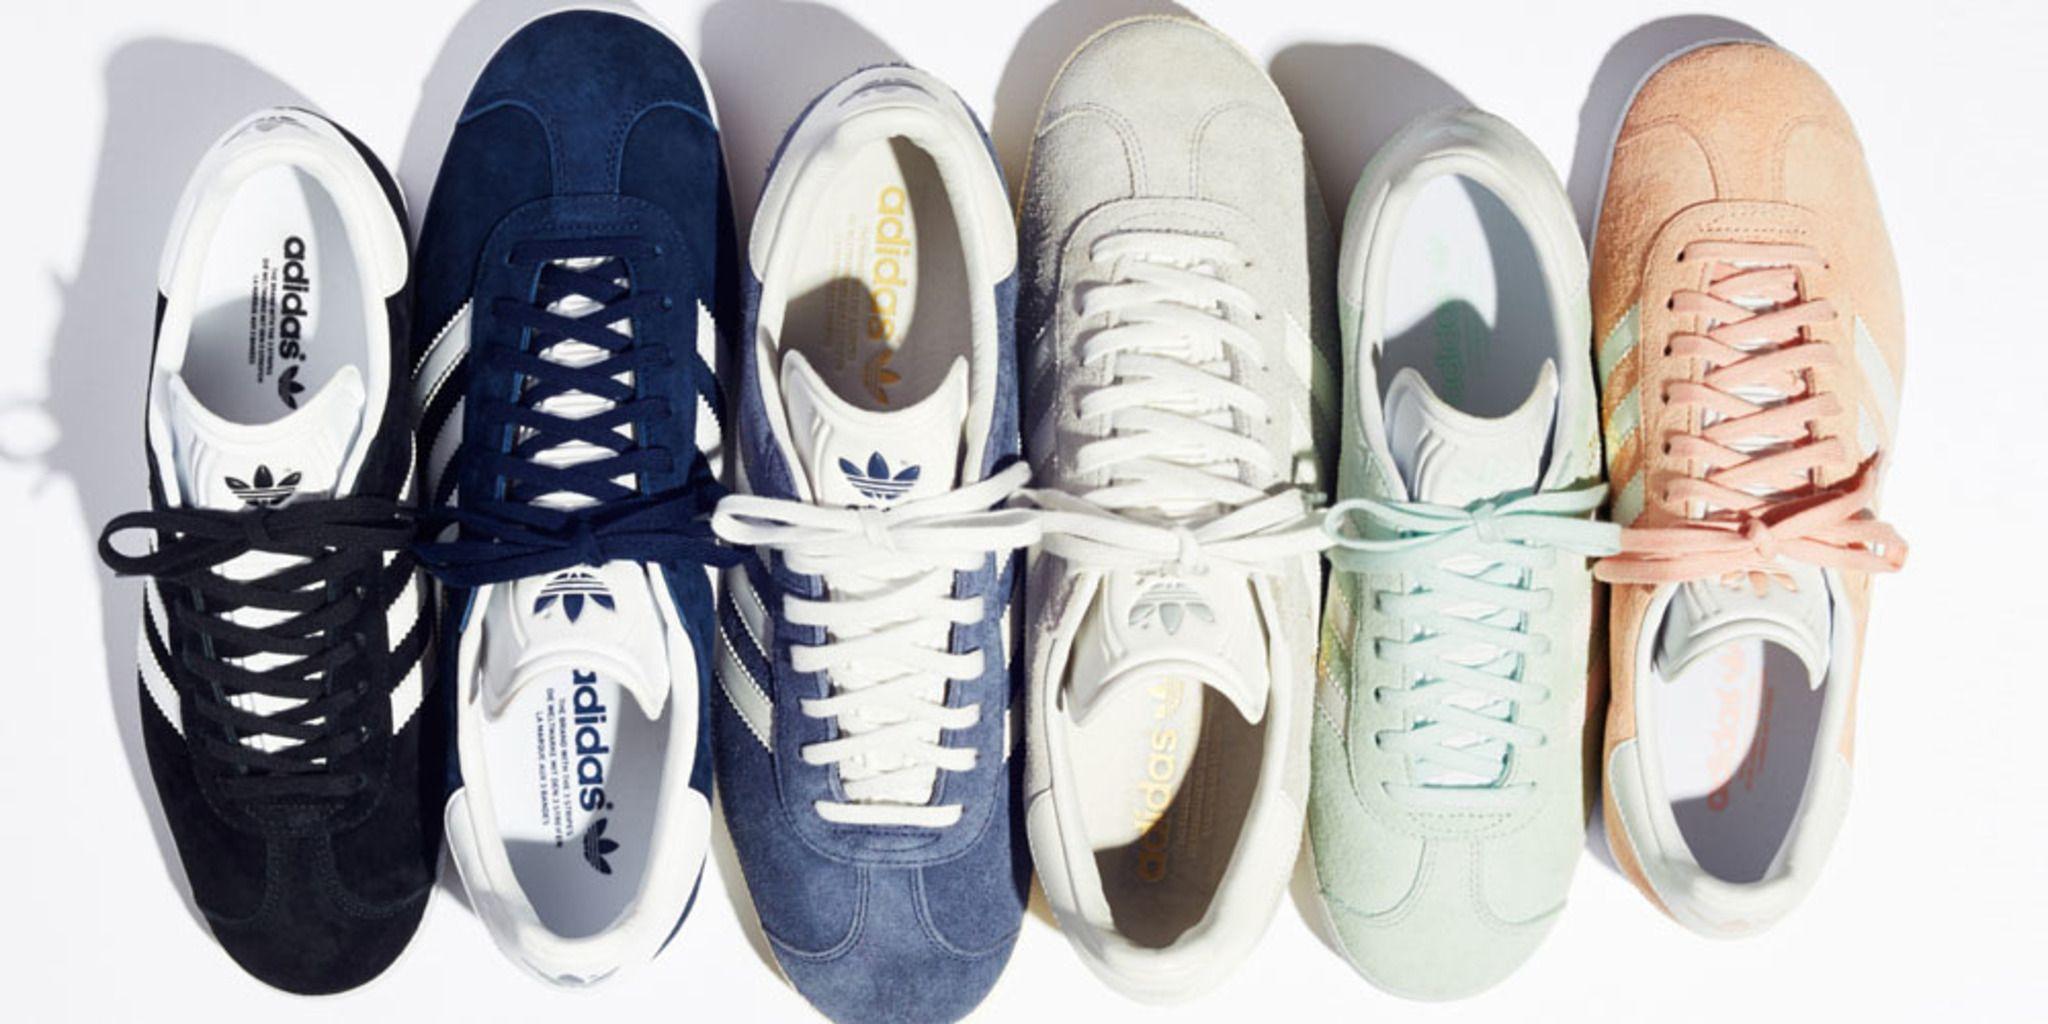 adidas schoenen weer wit maken